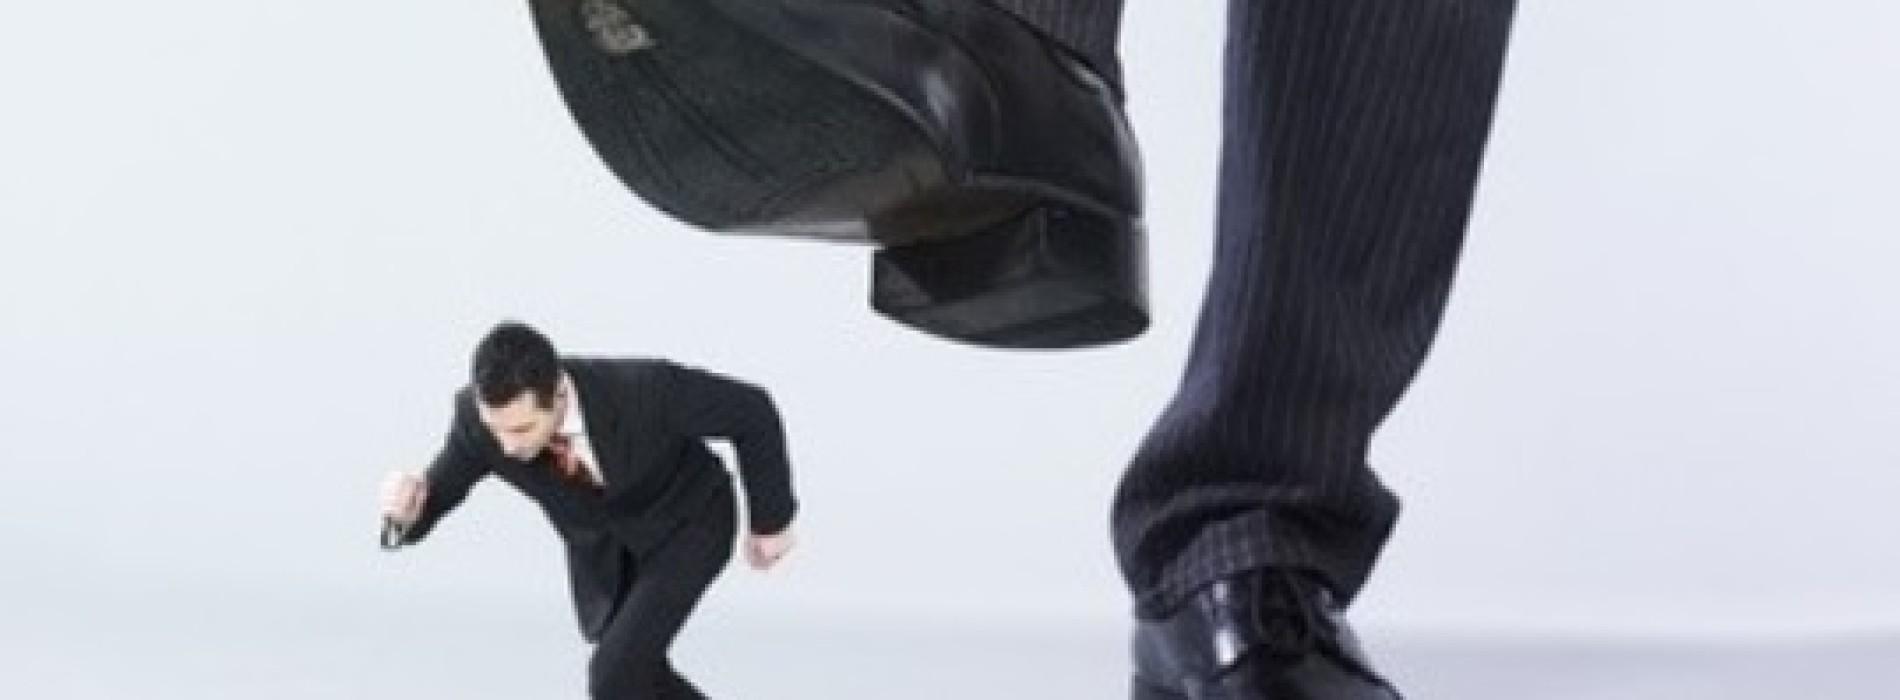 Kto odpowiada za mobbing w miejscu pracy?